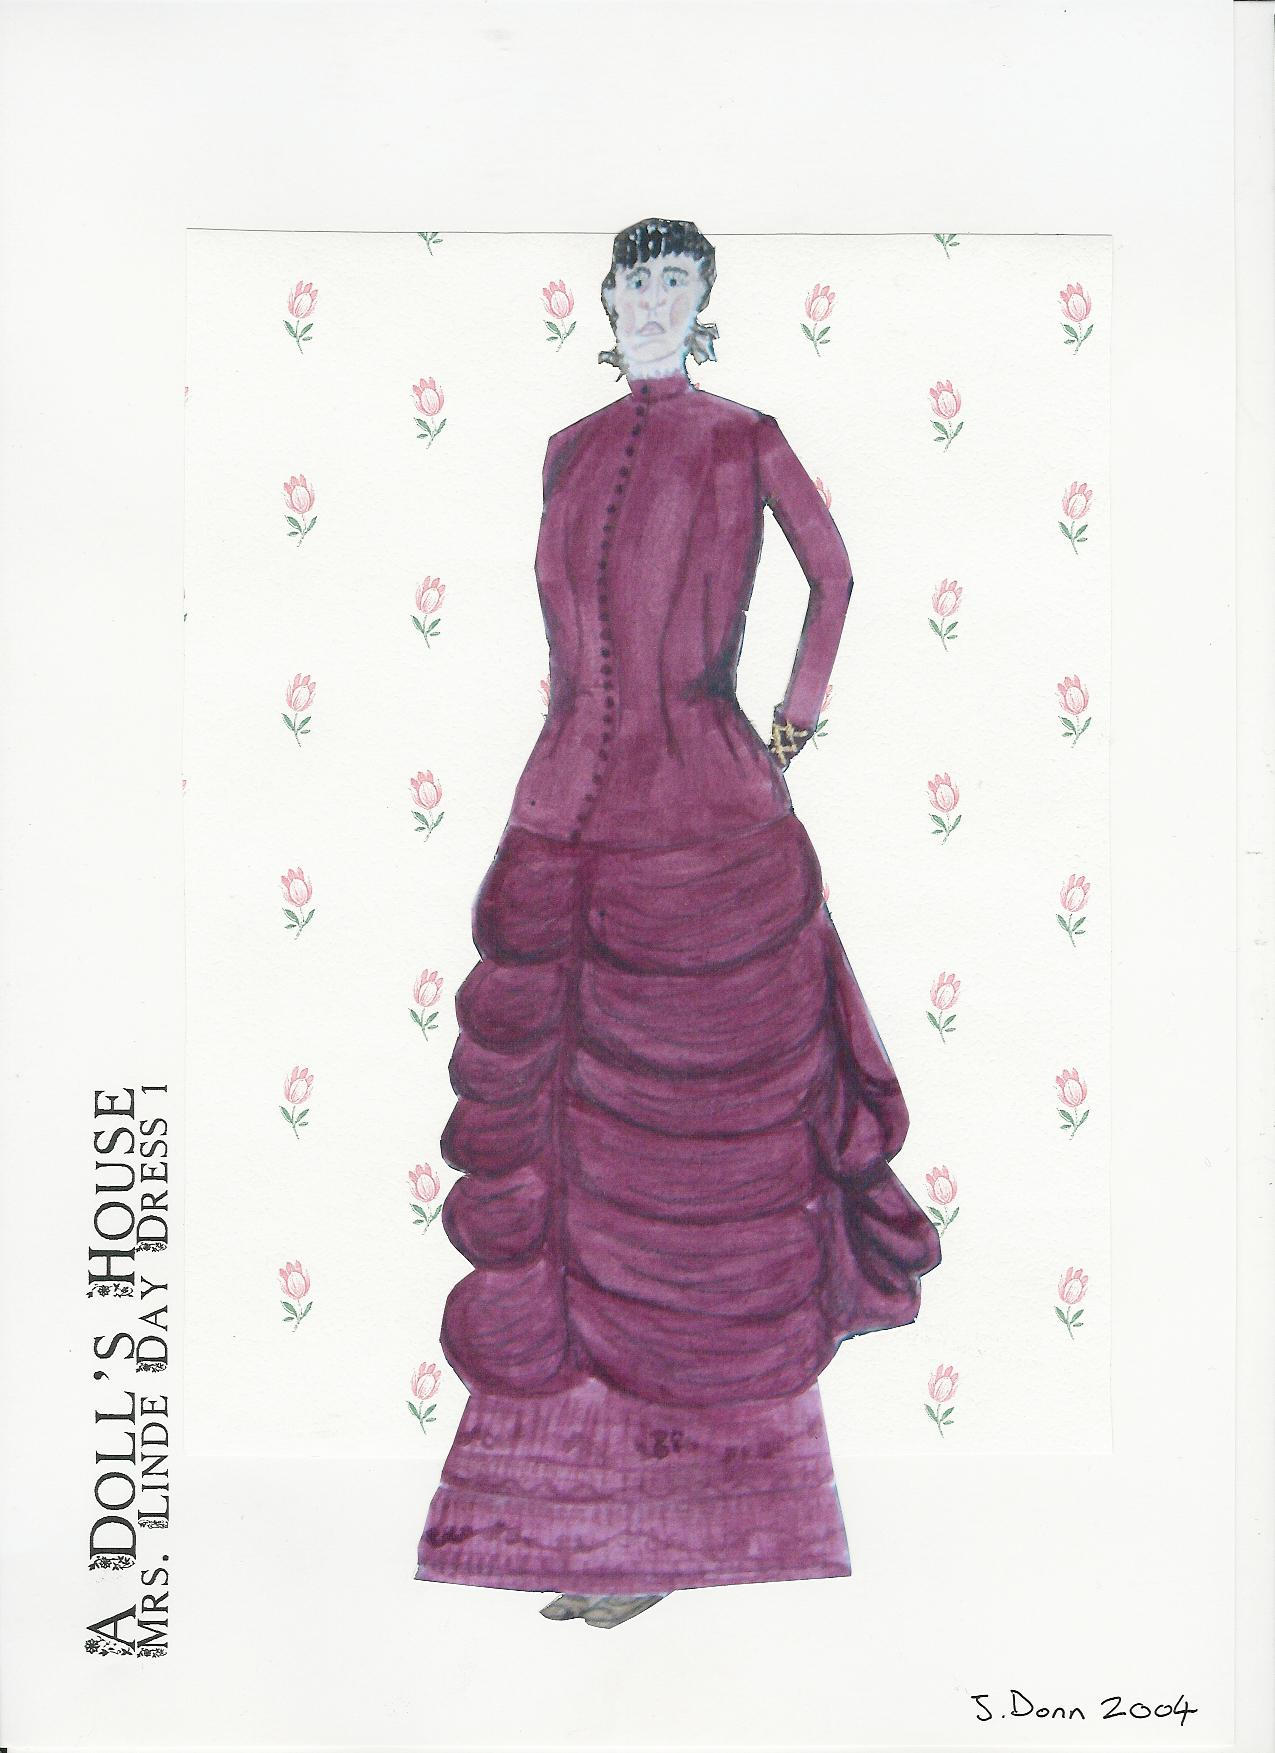 Costume design mrs linde by joanne donn on deviantart